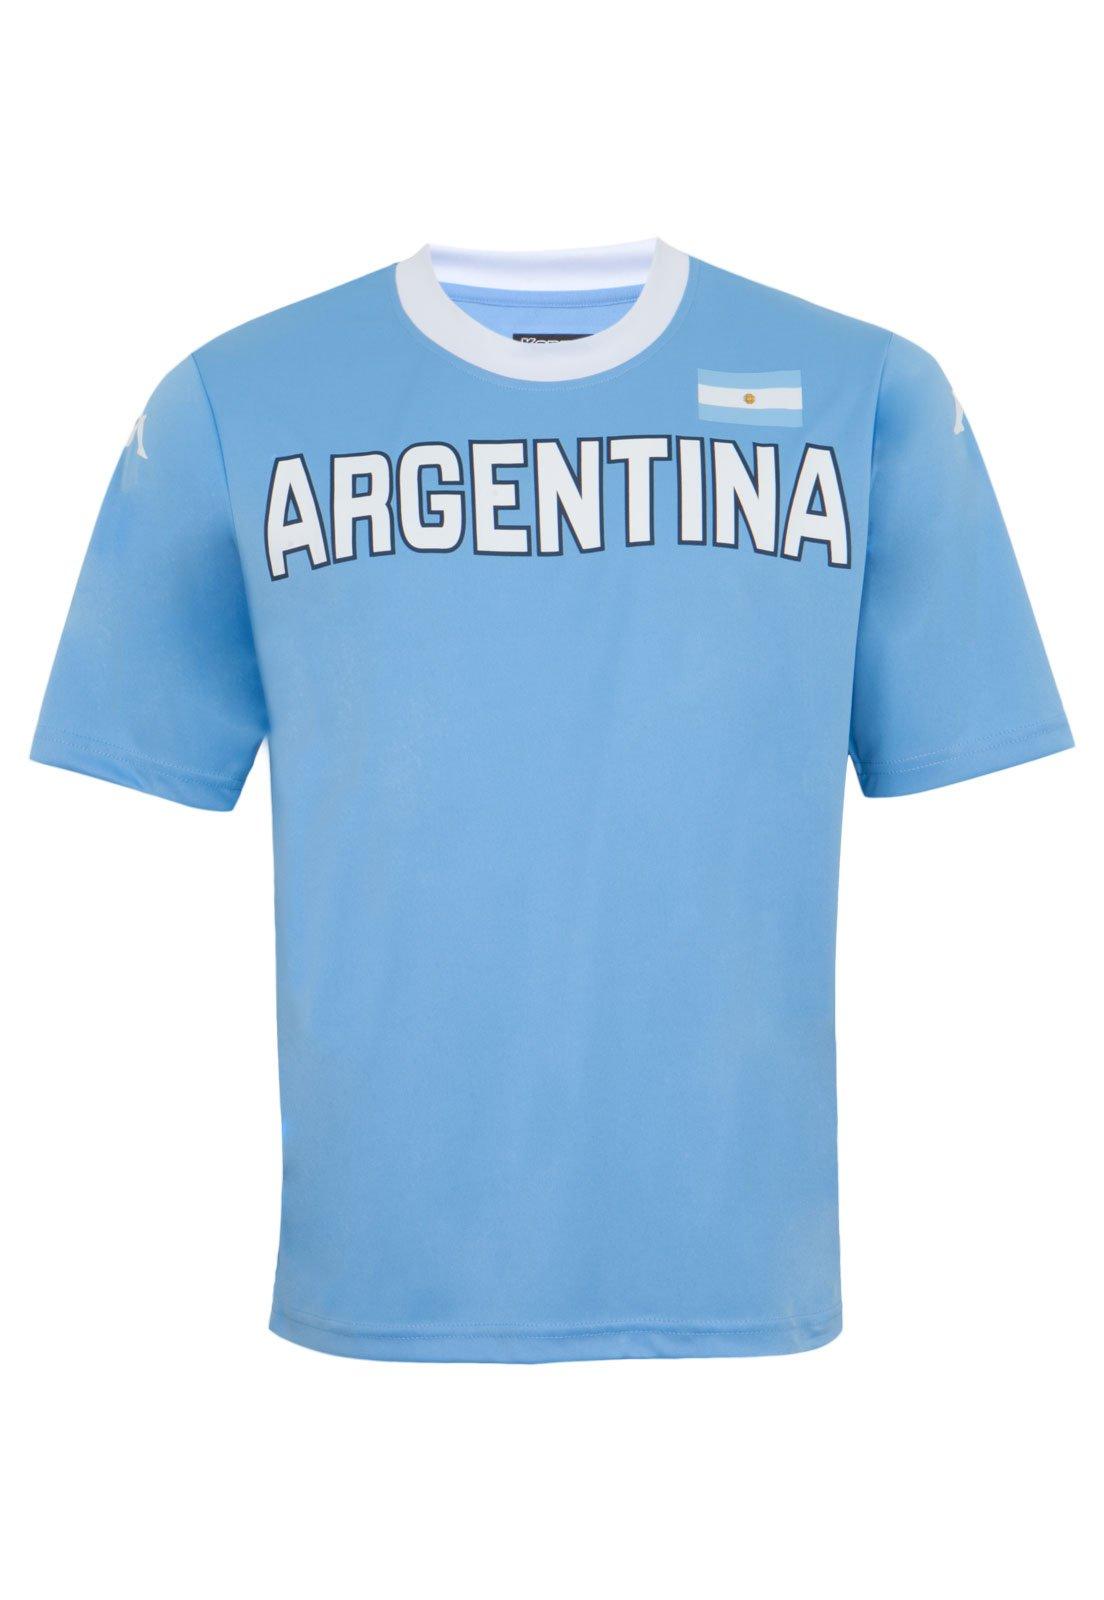 Calumnia Lavandería a monedas Maldición  Camiseta Kappa Argentina Azul - Compre Agora | Dafiti Brasil